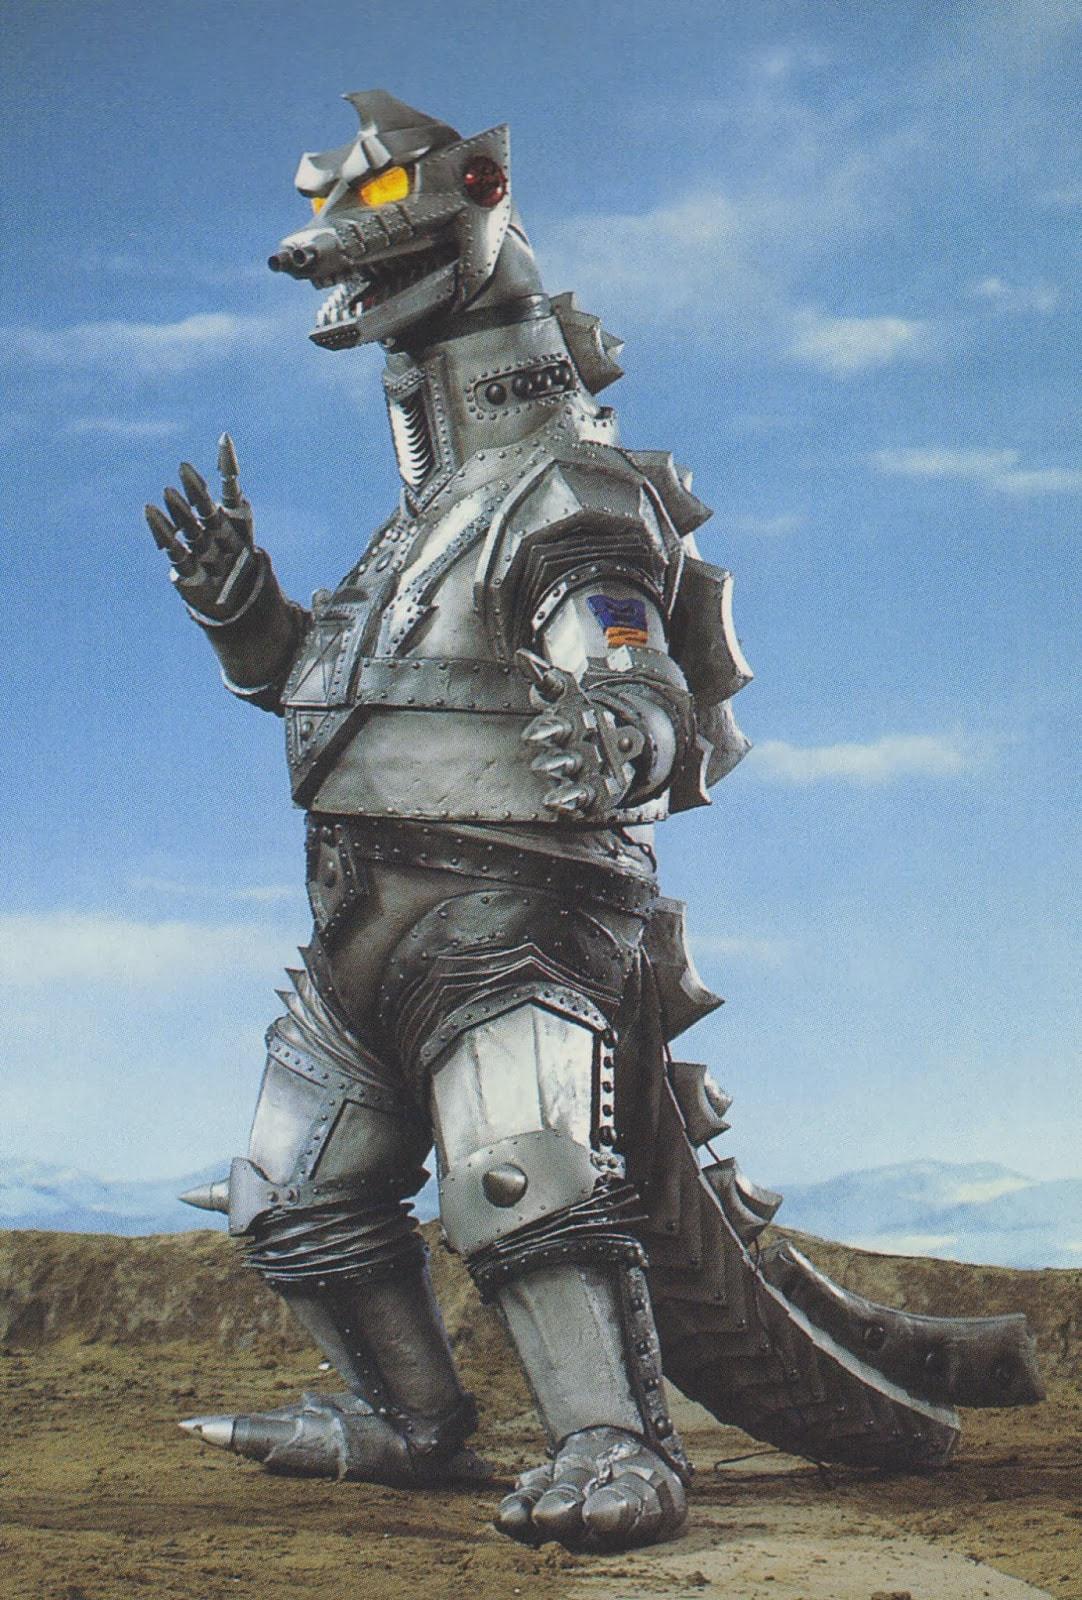 Finalmente o trailer final de Godzilla vs Kong revelou a presença e alguns detalhes de Mechagodzilla que deverá unir Godzilla e Kong em defesa da humanidade. Será que há espaço para dois reis?